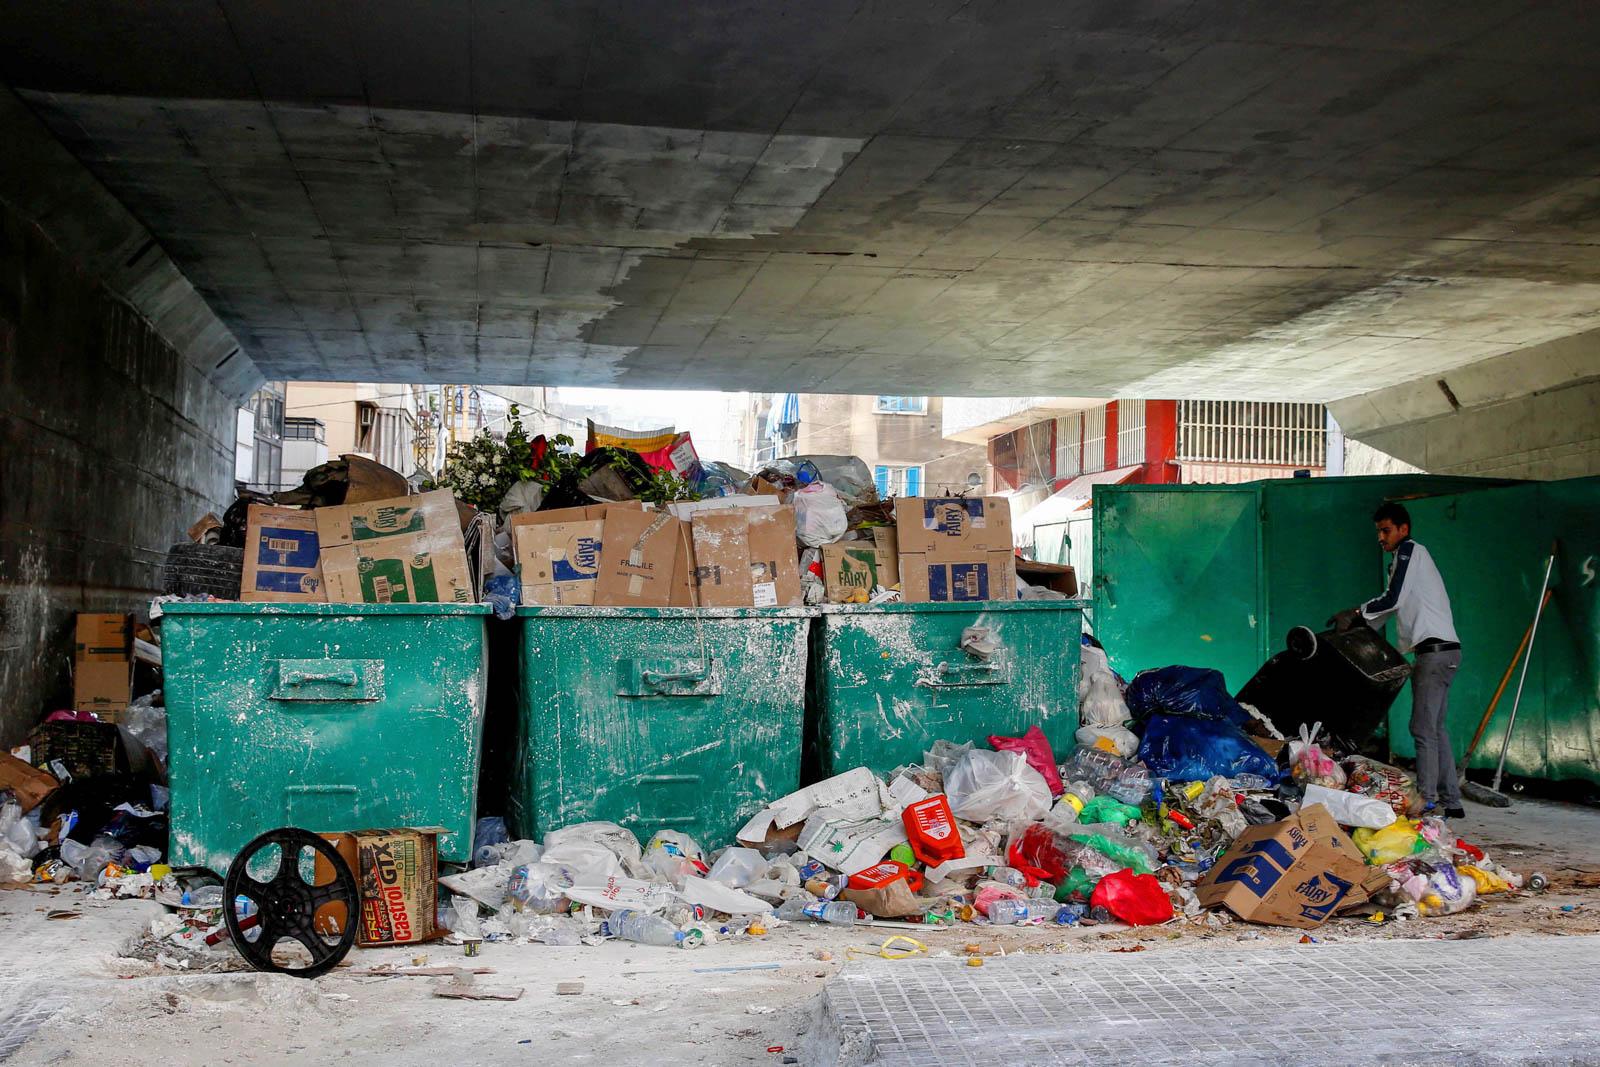 Переполненные мусорные контейнеры в Ливане (© AP Images)